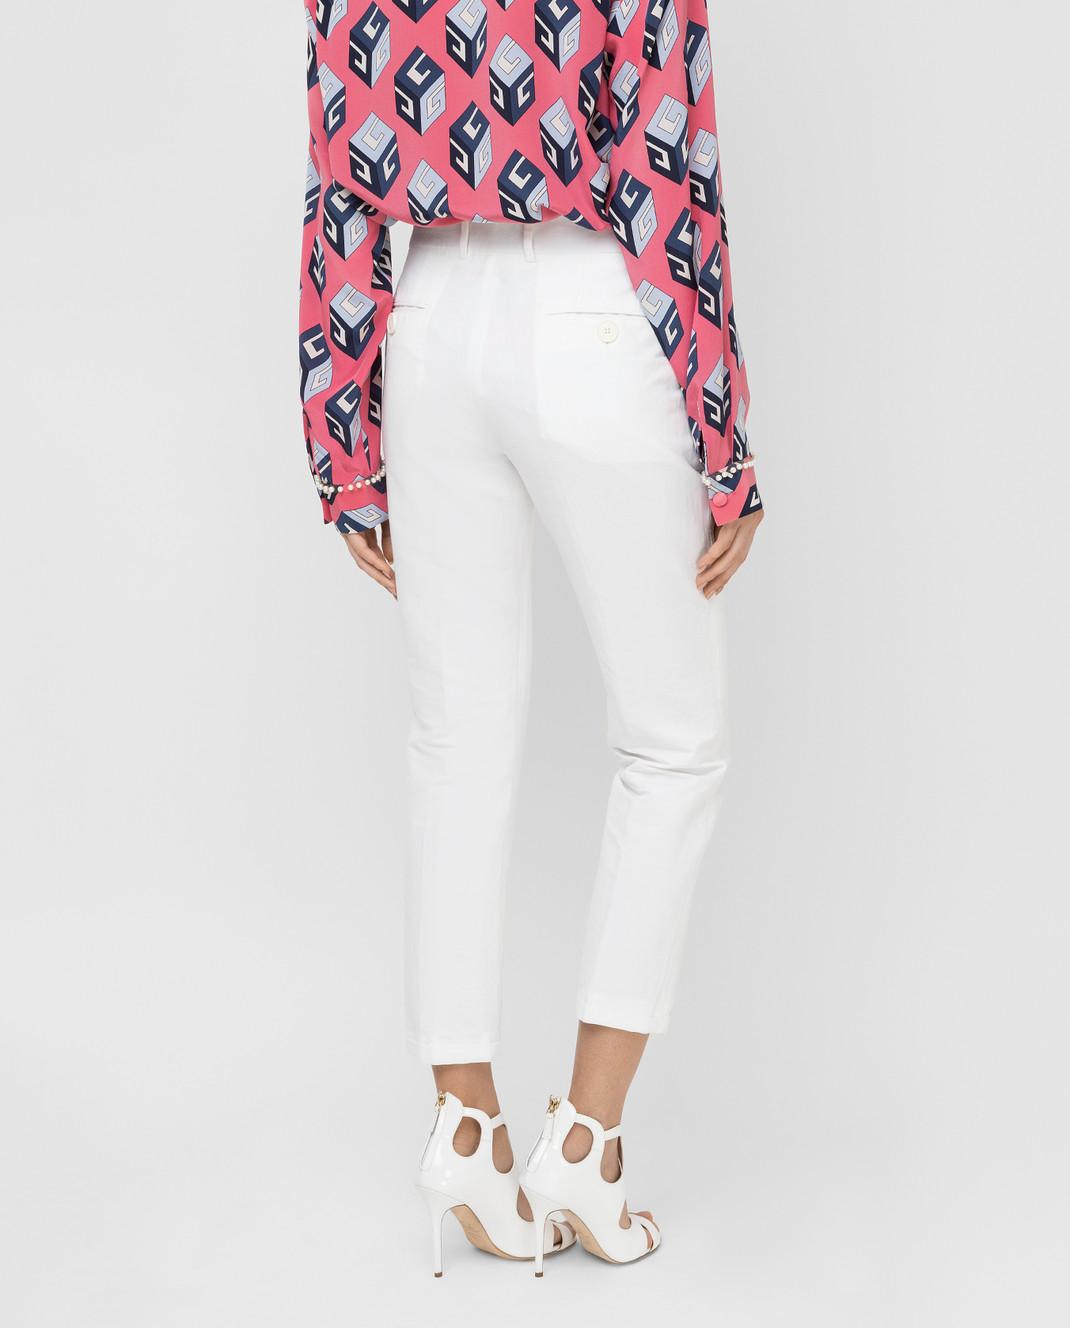 Marni Белые брюки PAMAR09MU1TL234 изображение 4